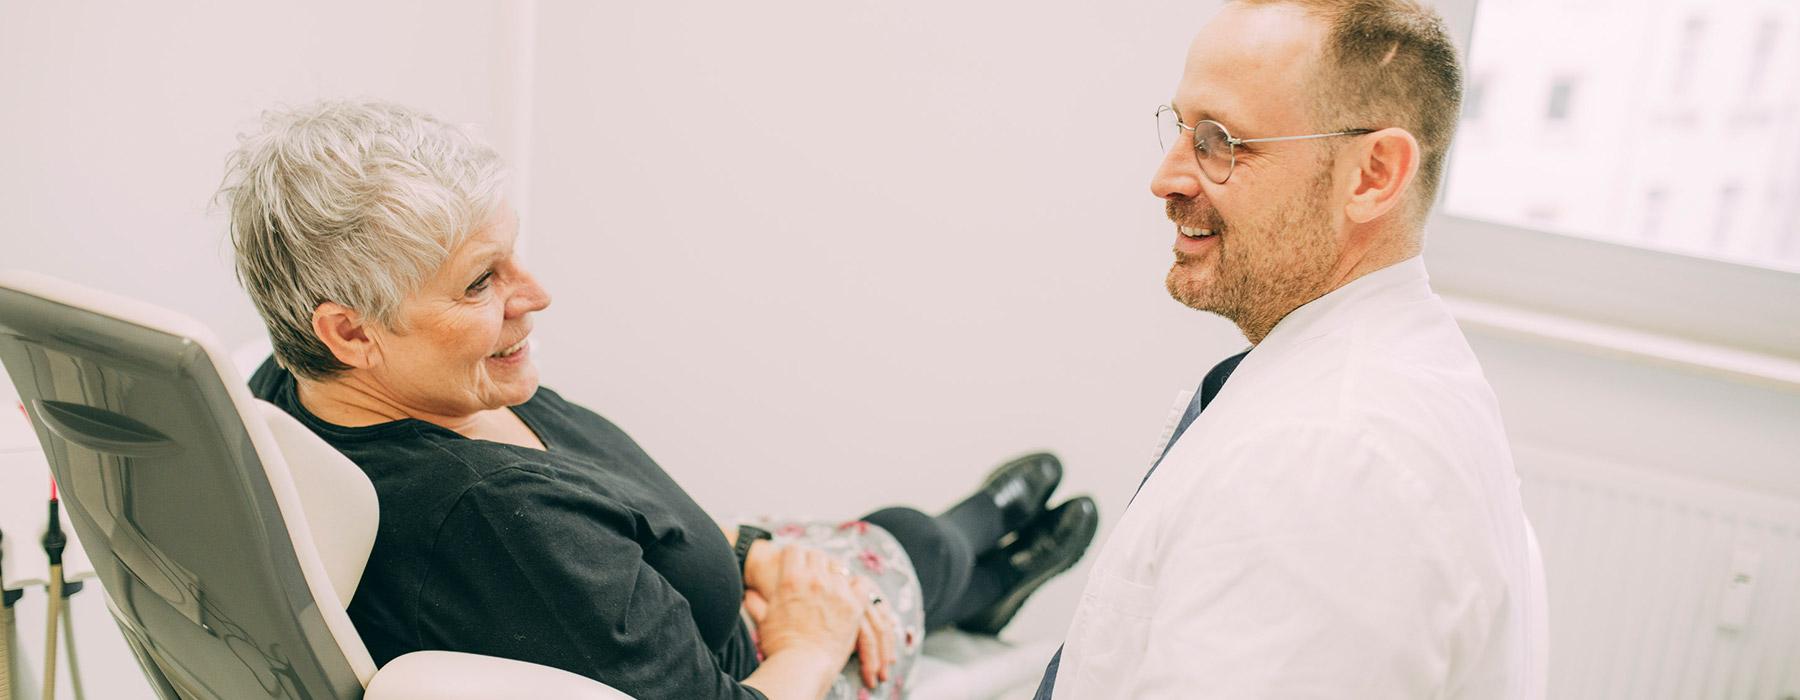 Zahnästhetik für schöne Zähne in jedem Alter in Frankfurt